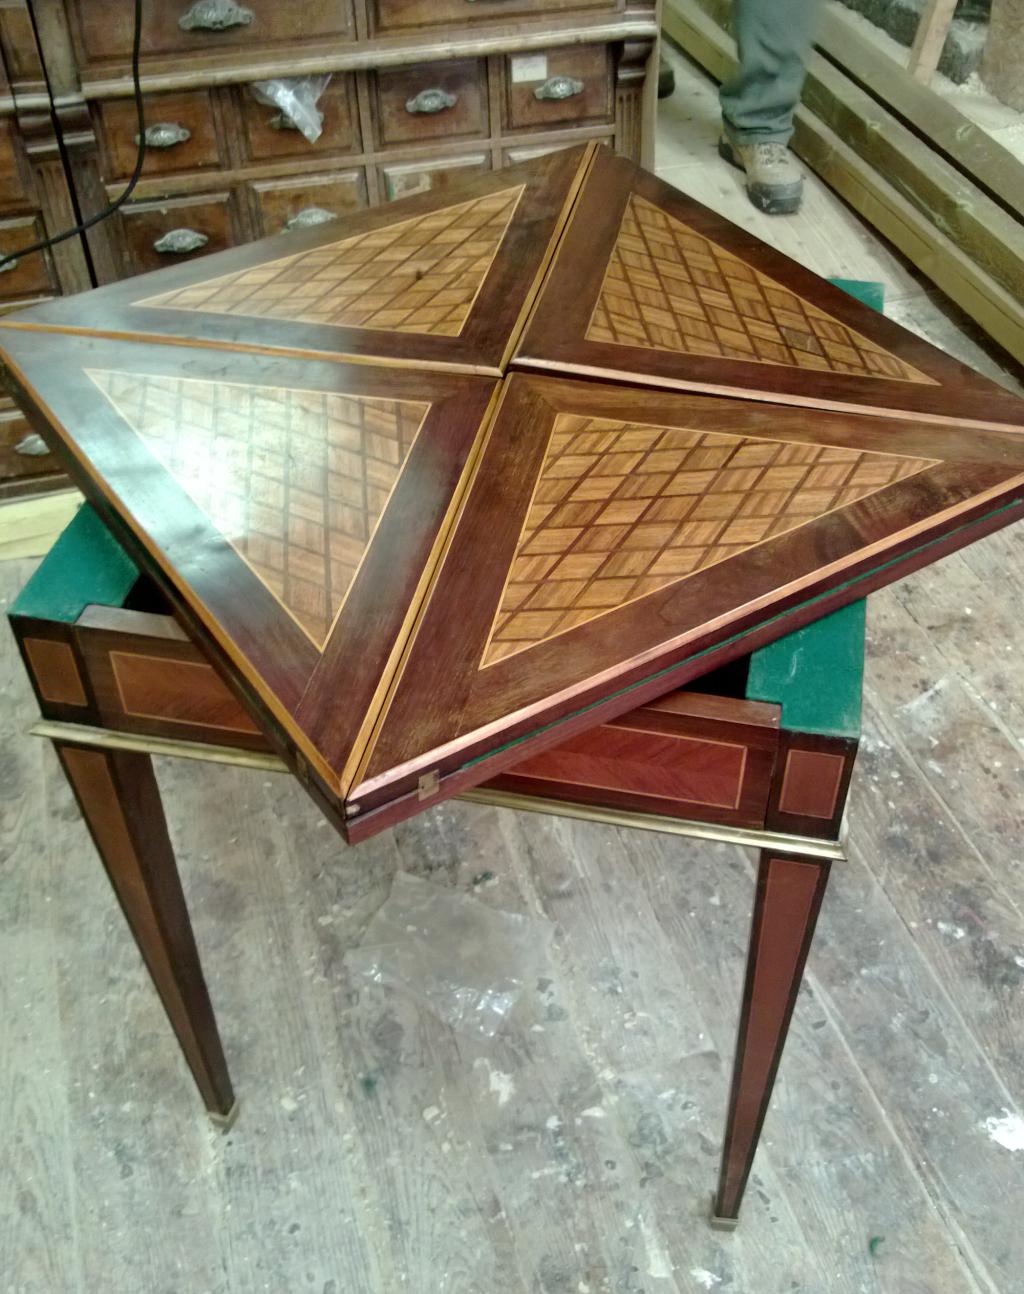 Ebenisterie resonancebois - Restauration d une table en bois ...